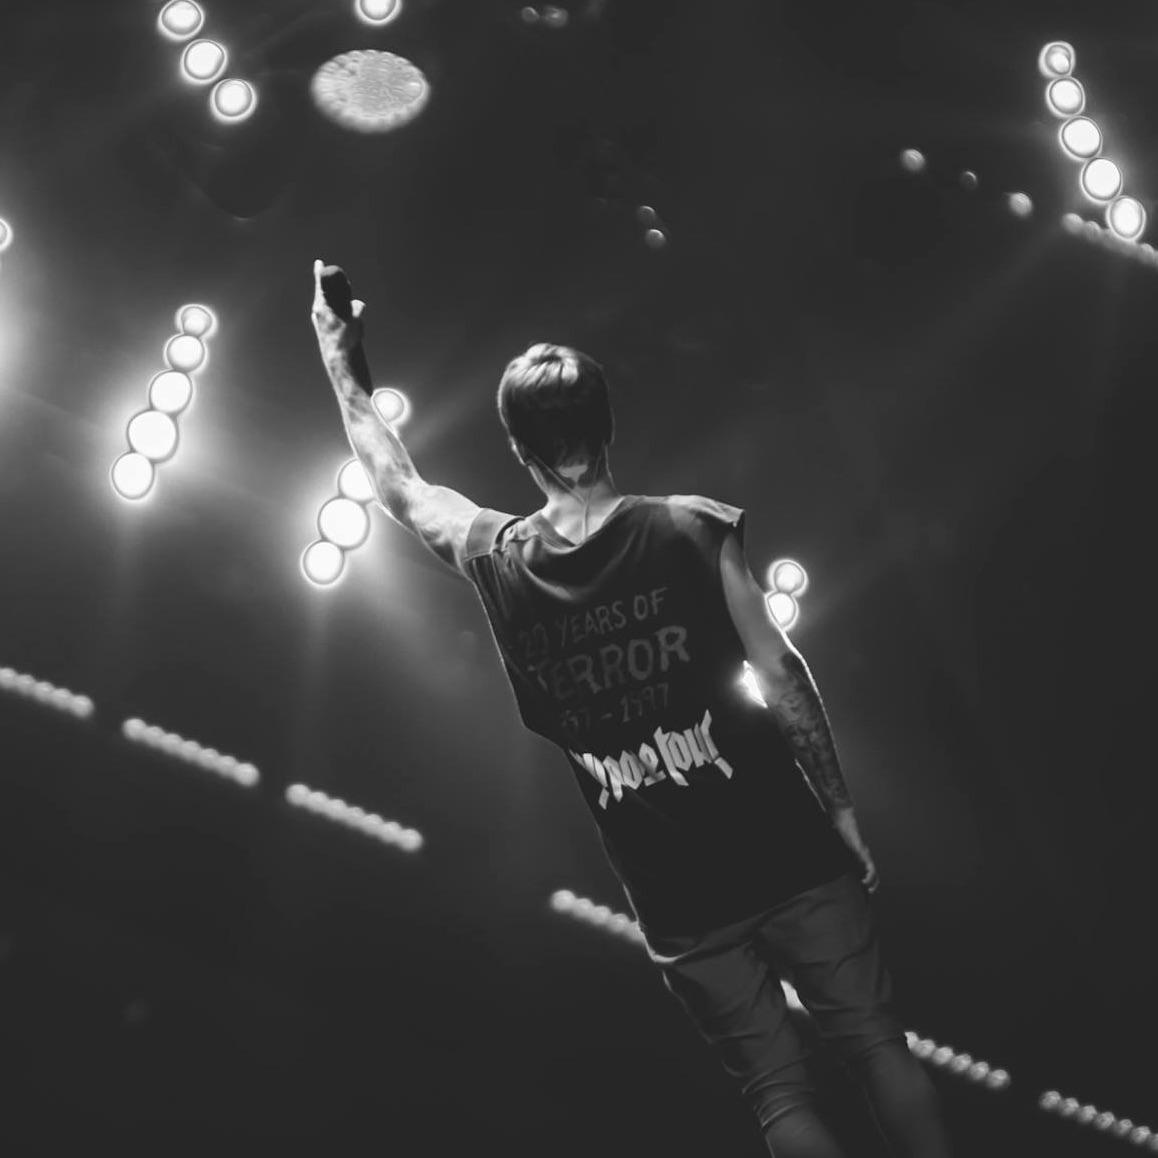 Ojalá todos fuésemos más beliebers: crónica del paso de Justin Bieber por Barcelona